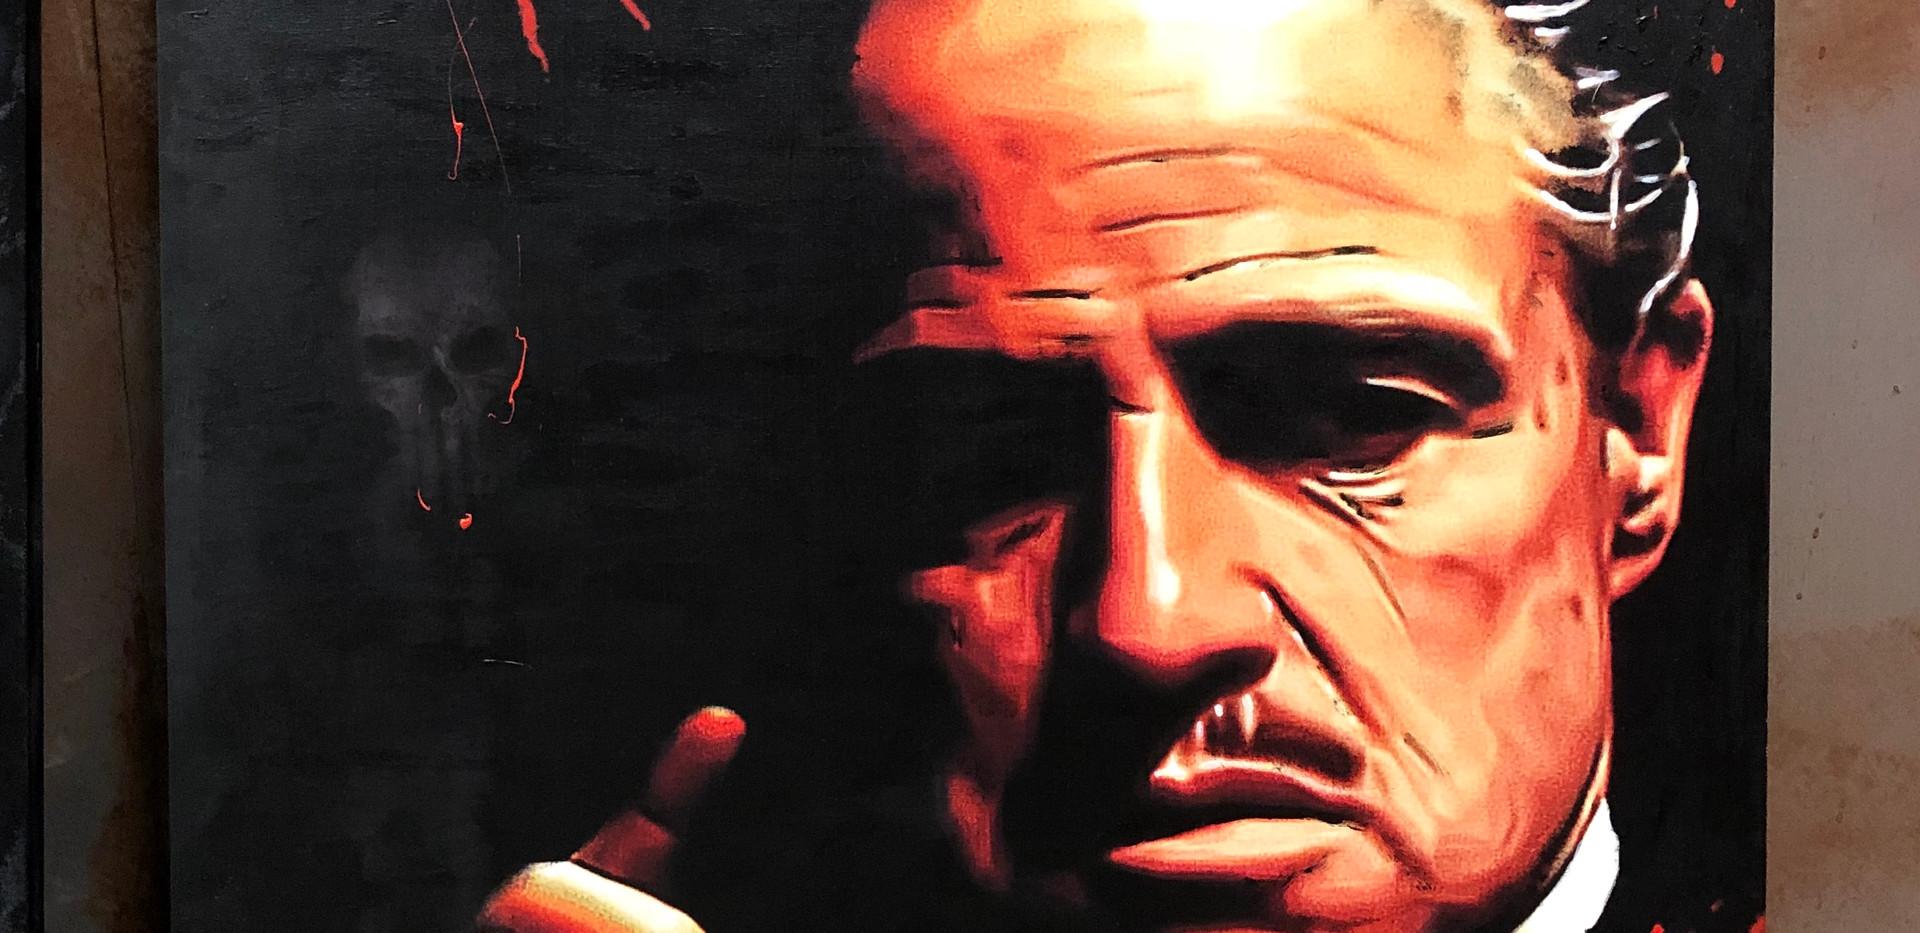 PaintingGodfather.jpg